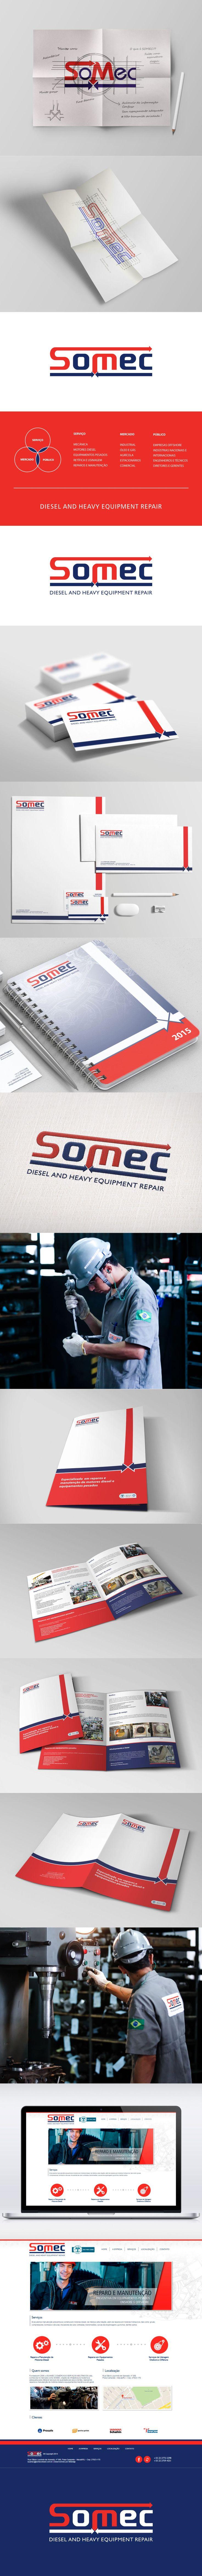 Redesign de marca para a Somec, empresa prestadora de serviços de mecânica de motores diesel e reparos de equipamentos pesados para o setor industrial onshore e offshore.  Acessem: www.somecdiesel.com.br